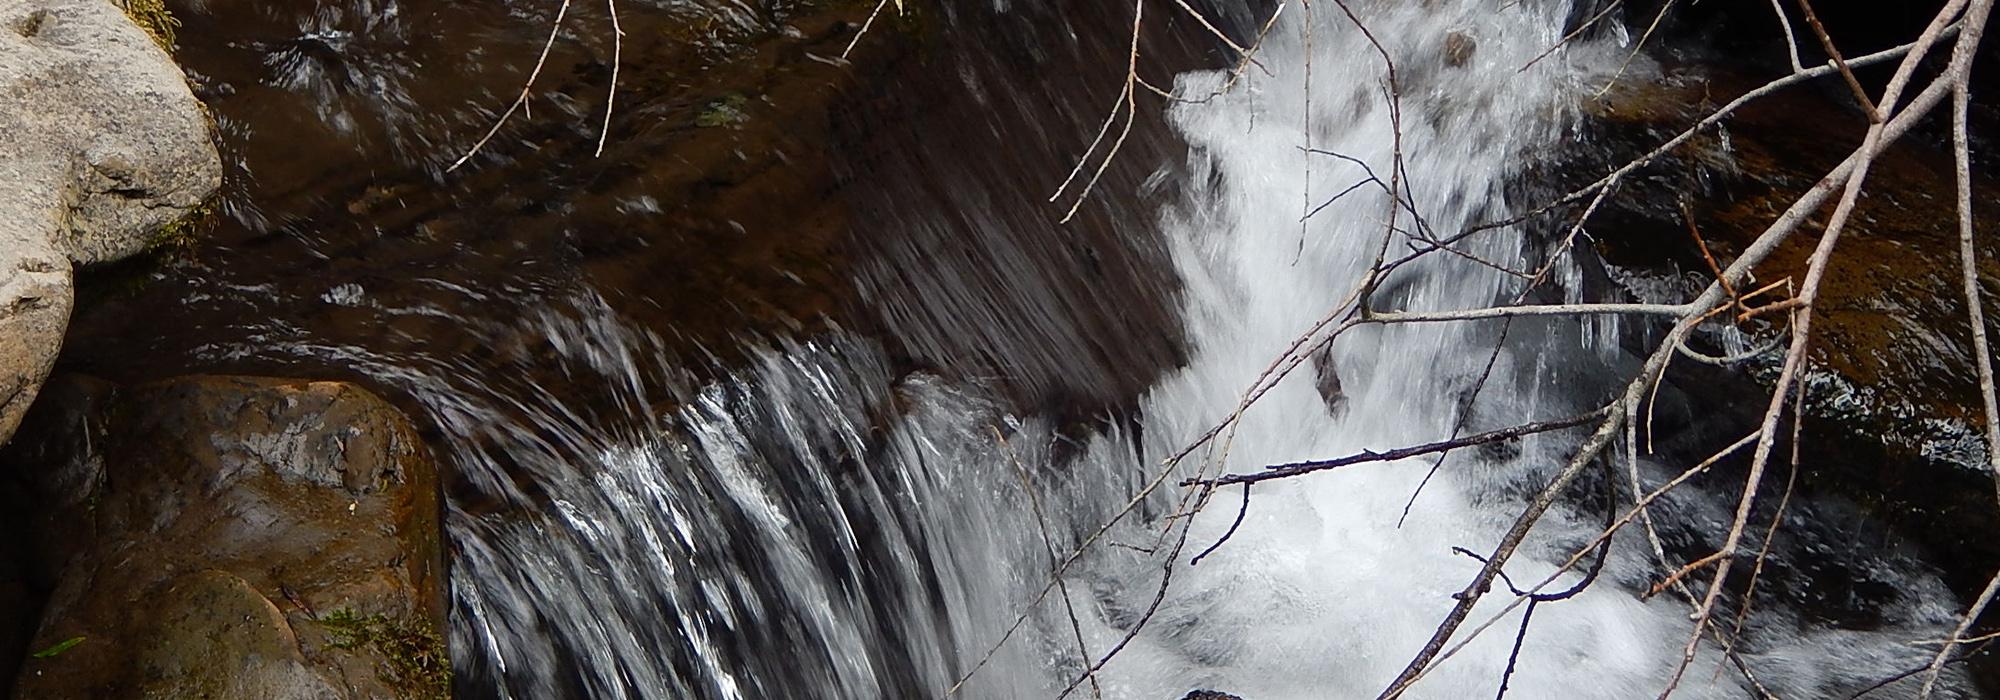 SLIDE4-rockwater